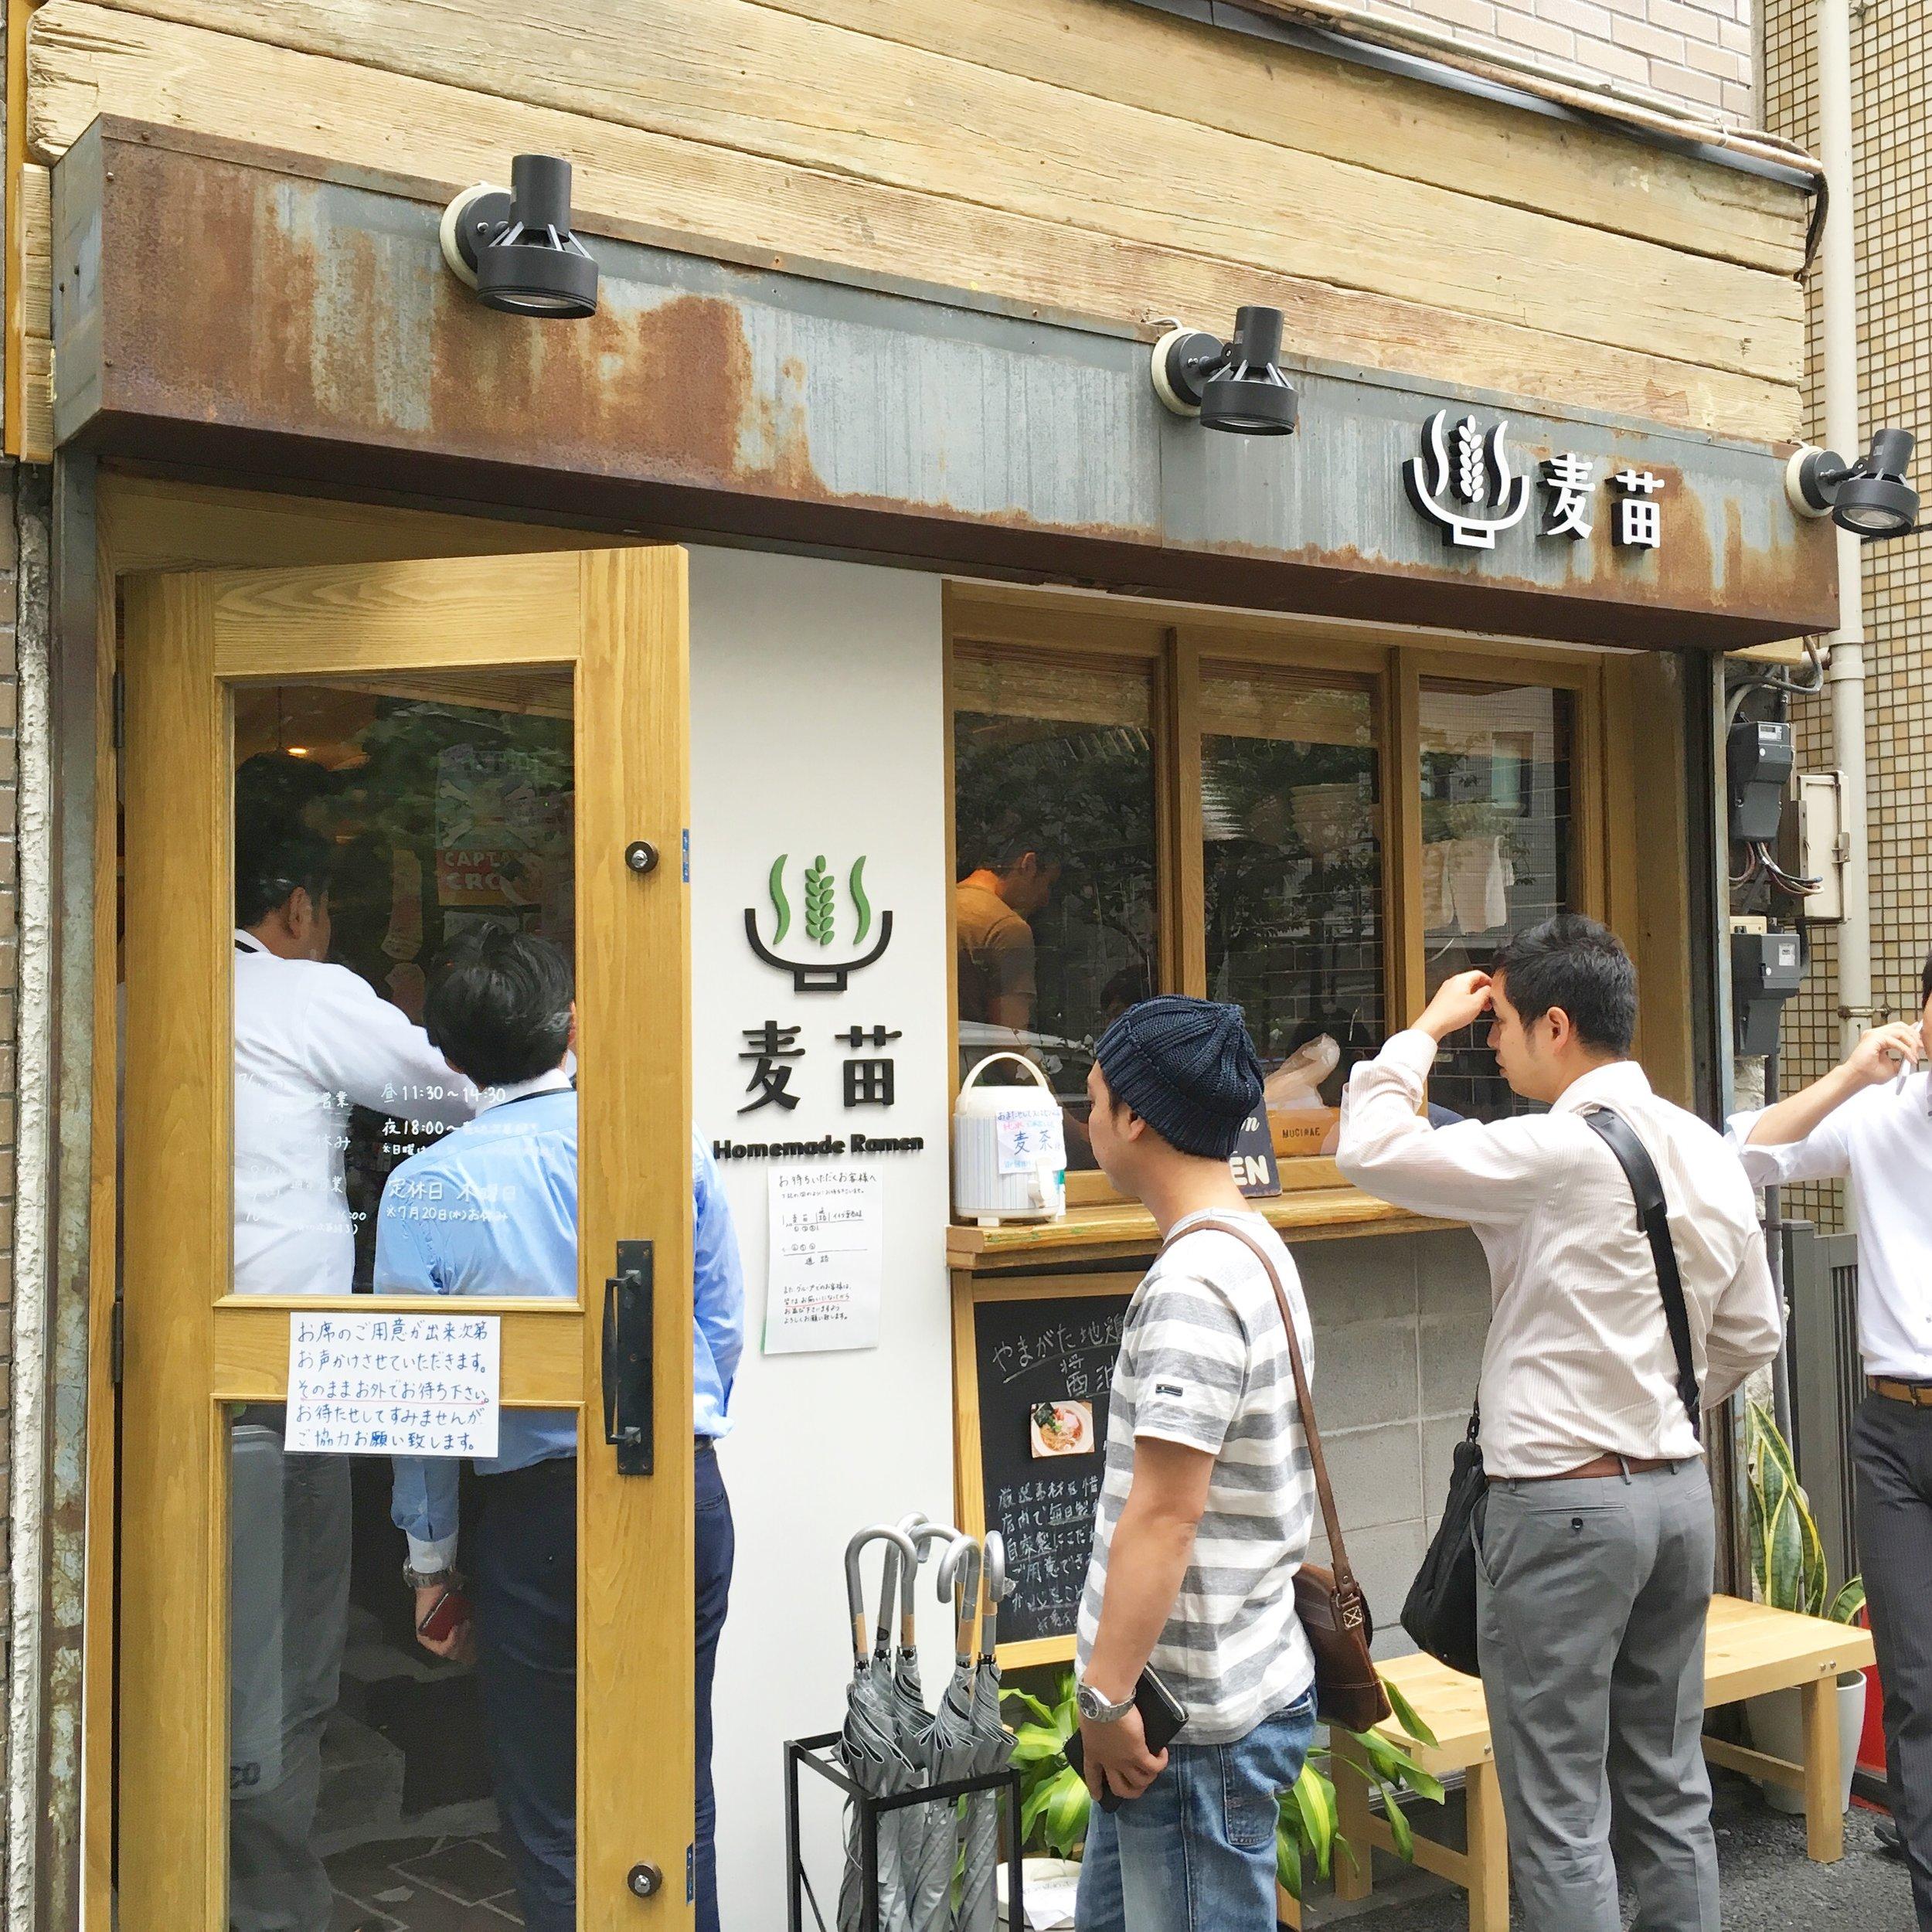 Muginae Shop Abram.JPG